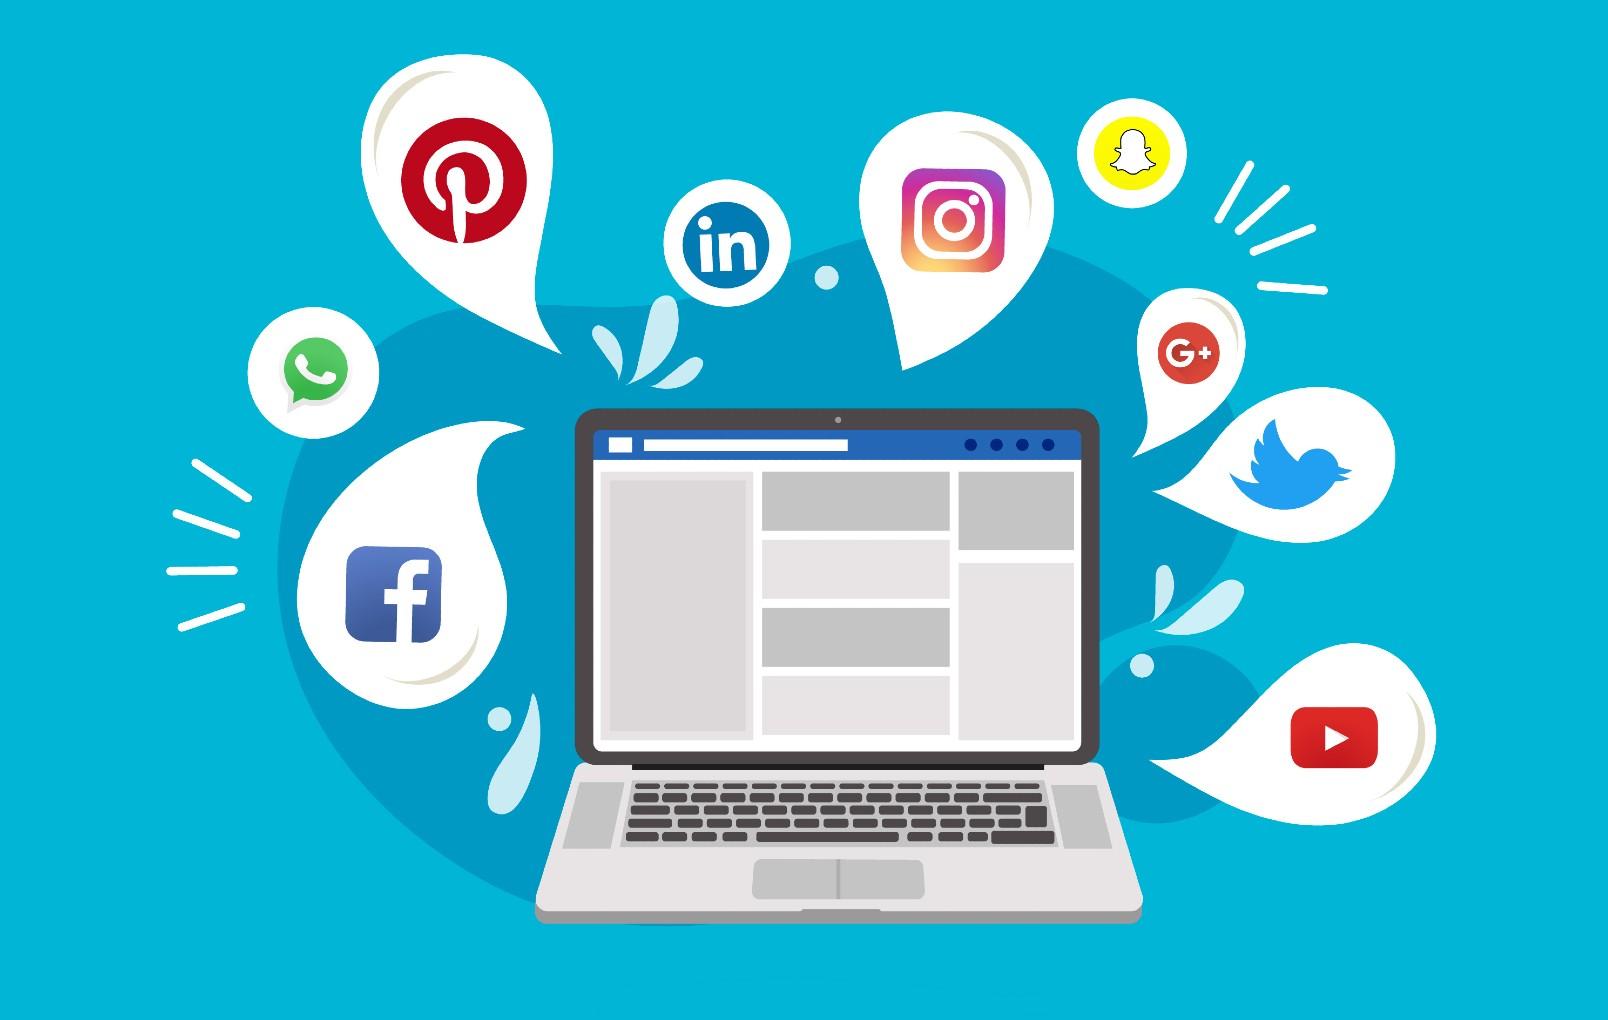 afiliado digital - Afiliado Digital: O que é? Como funciona? Como Ganhar Dinheiro Online?